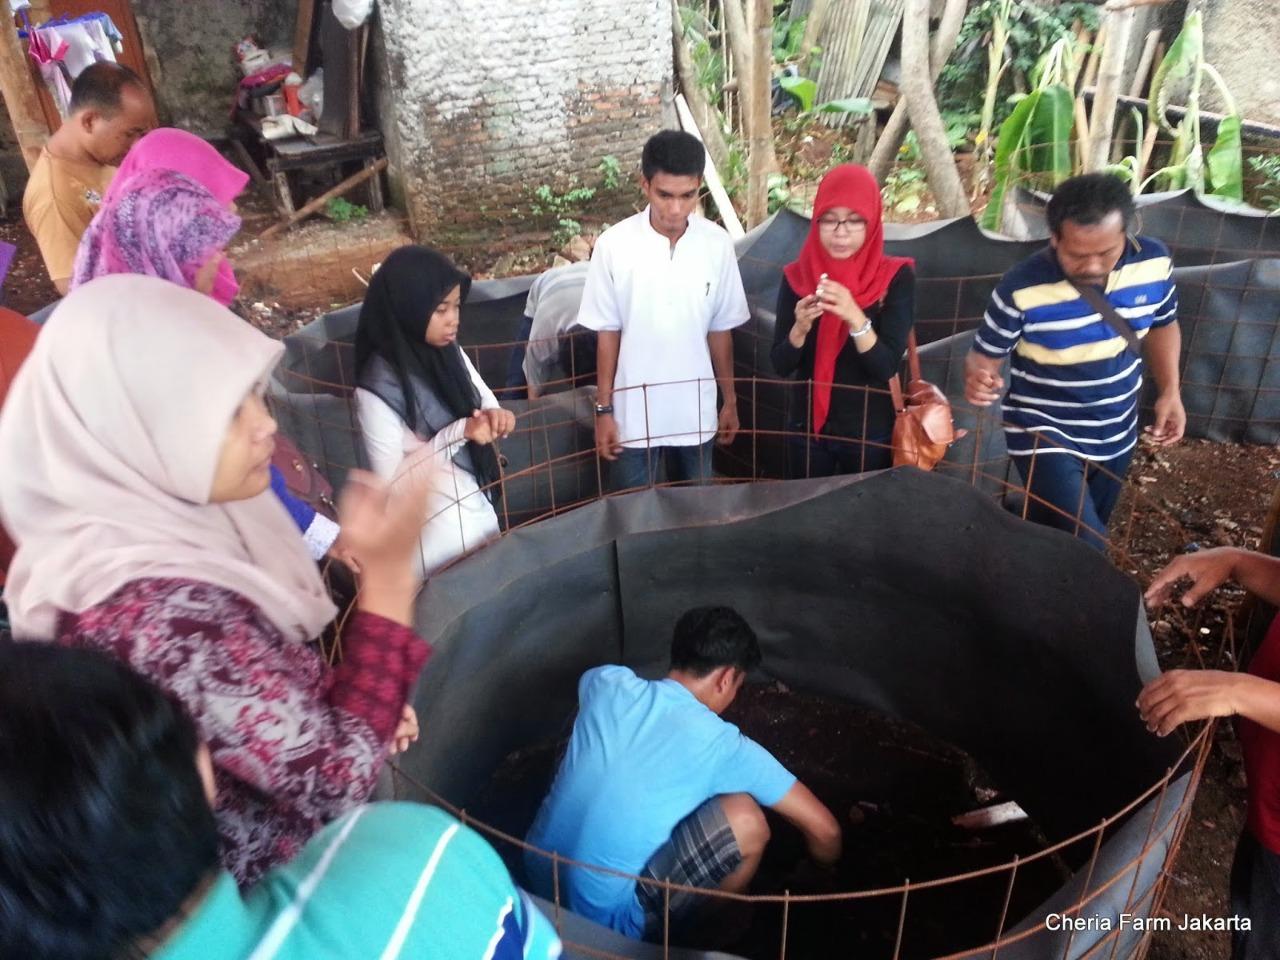 Budidaya Udang dan Ikan di Perkotaan